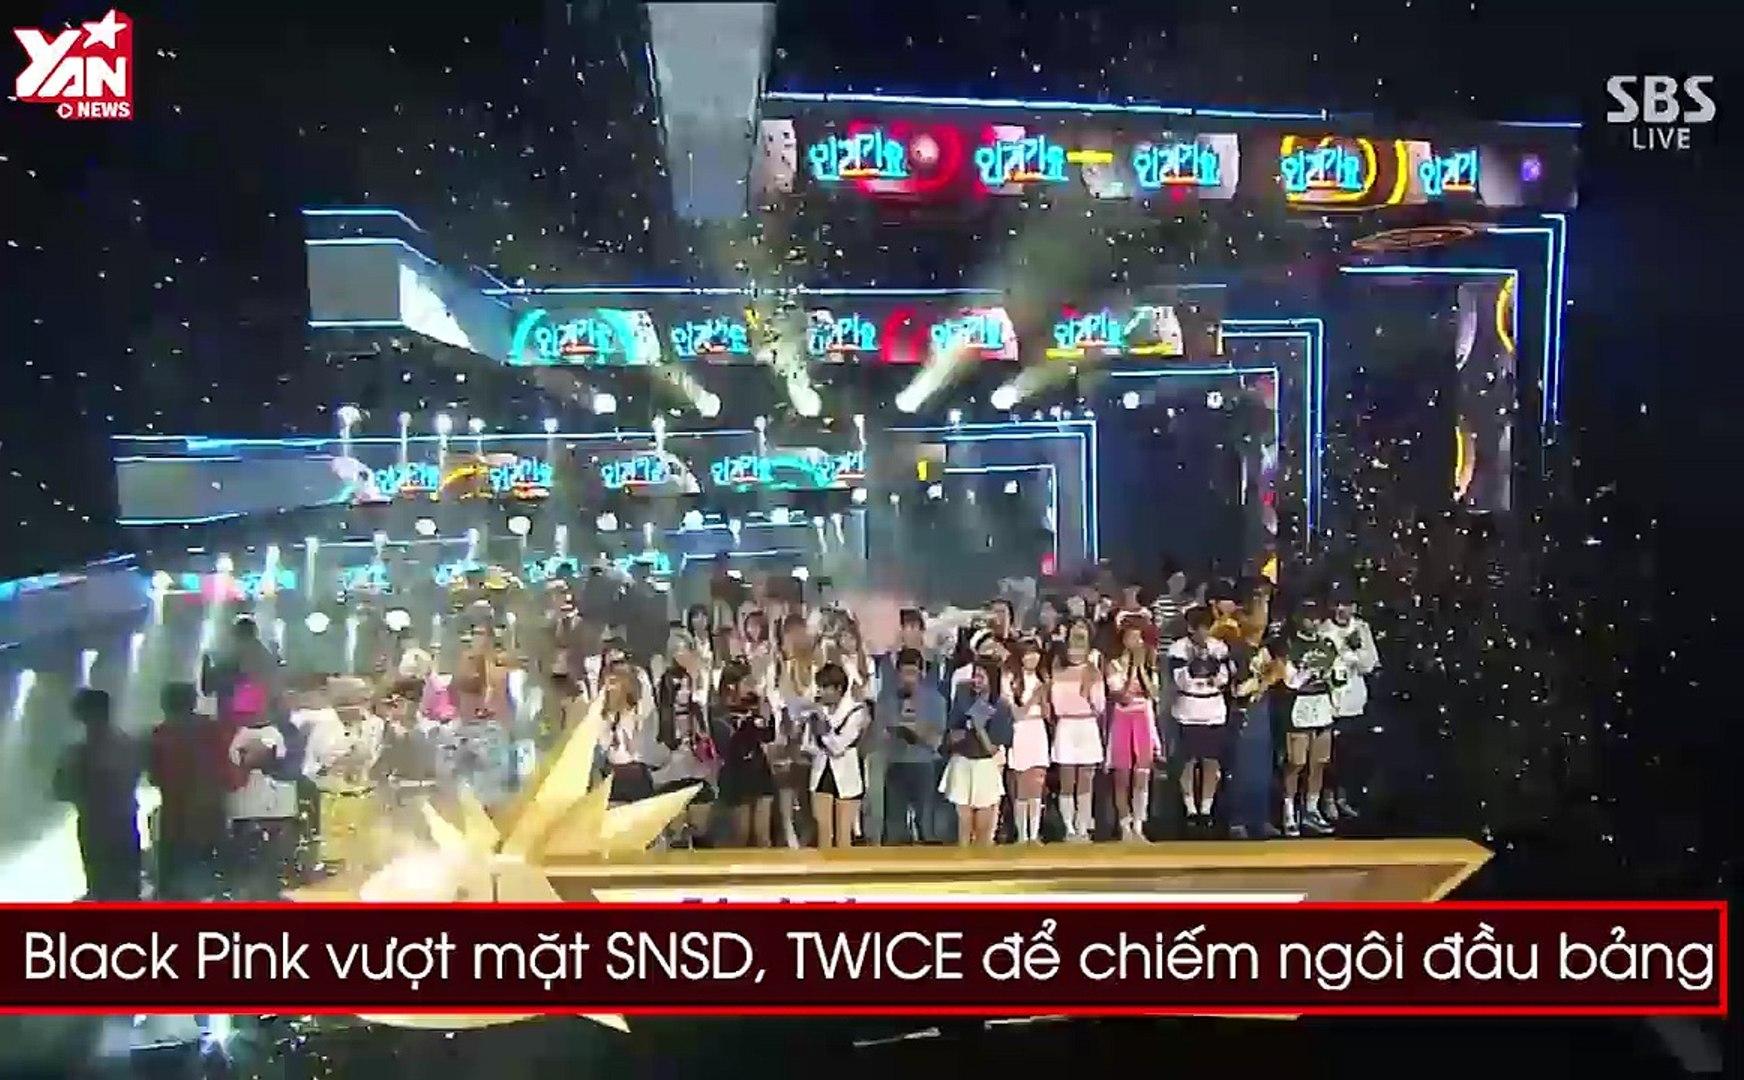 Top 10 nhóm nữ giành được No.1 show âm nhạc nhanh nhất từ khi ra mắt, TWICE gây bất ngờ vì chót bảng